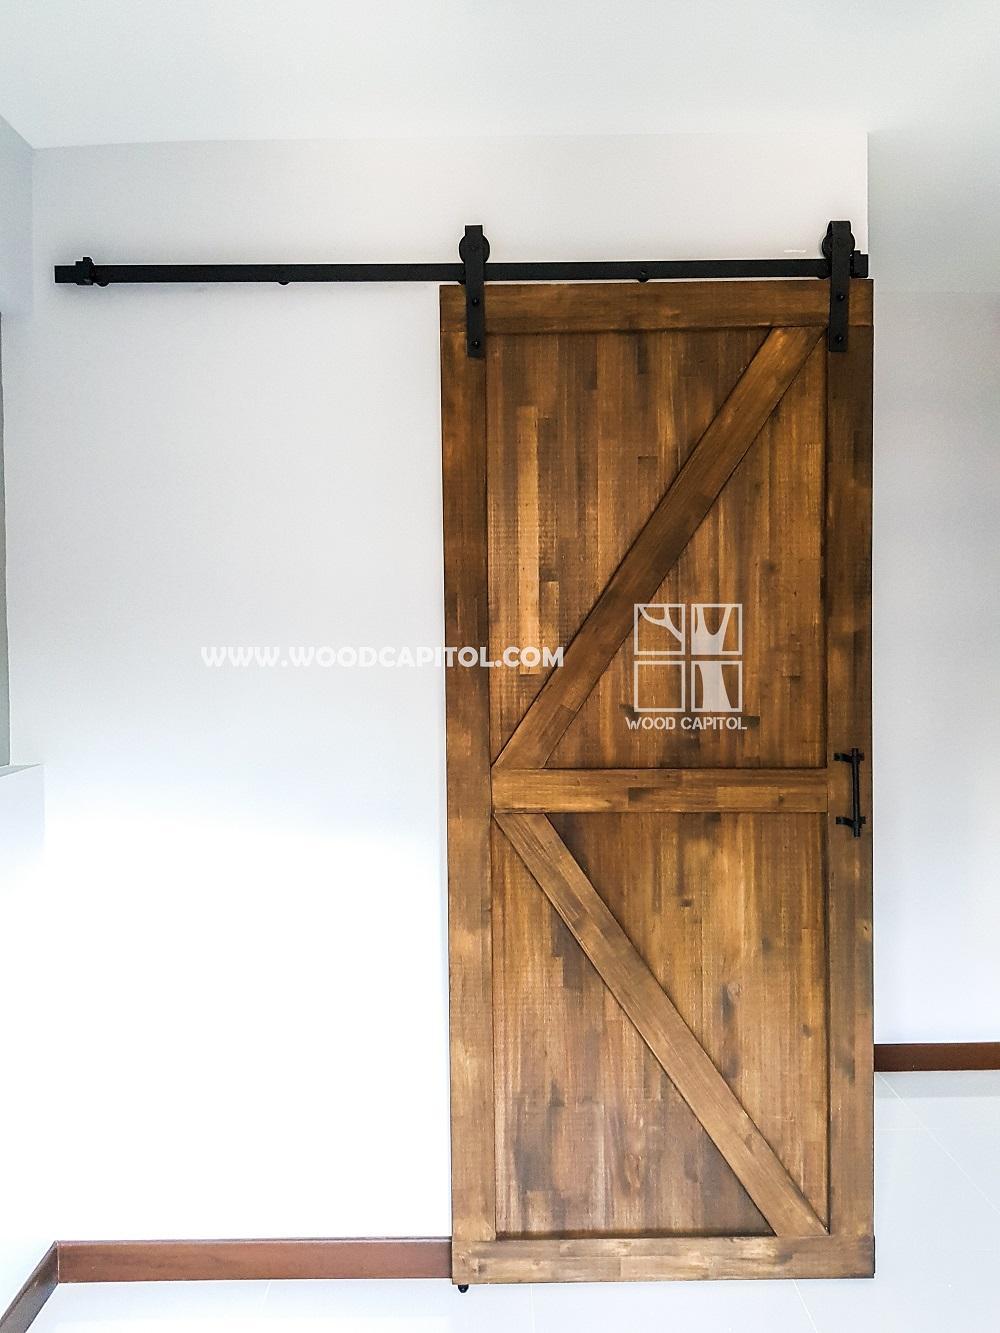 Wood Capitol Rustic Door